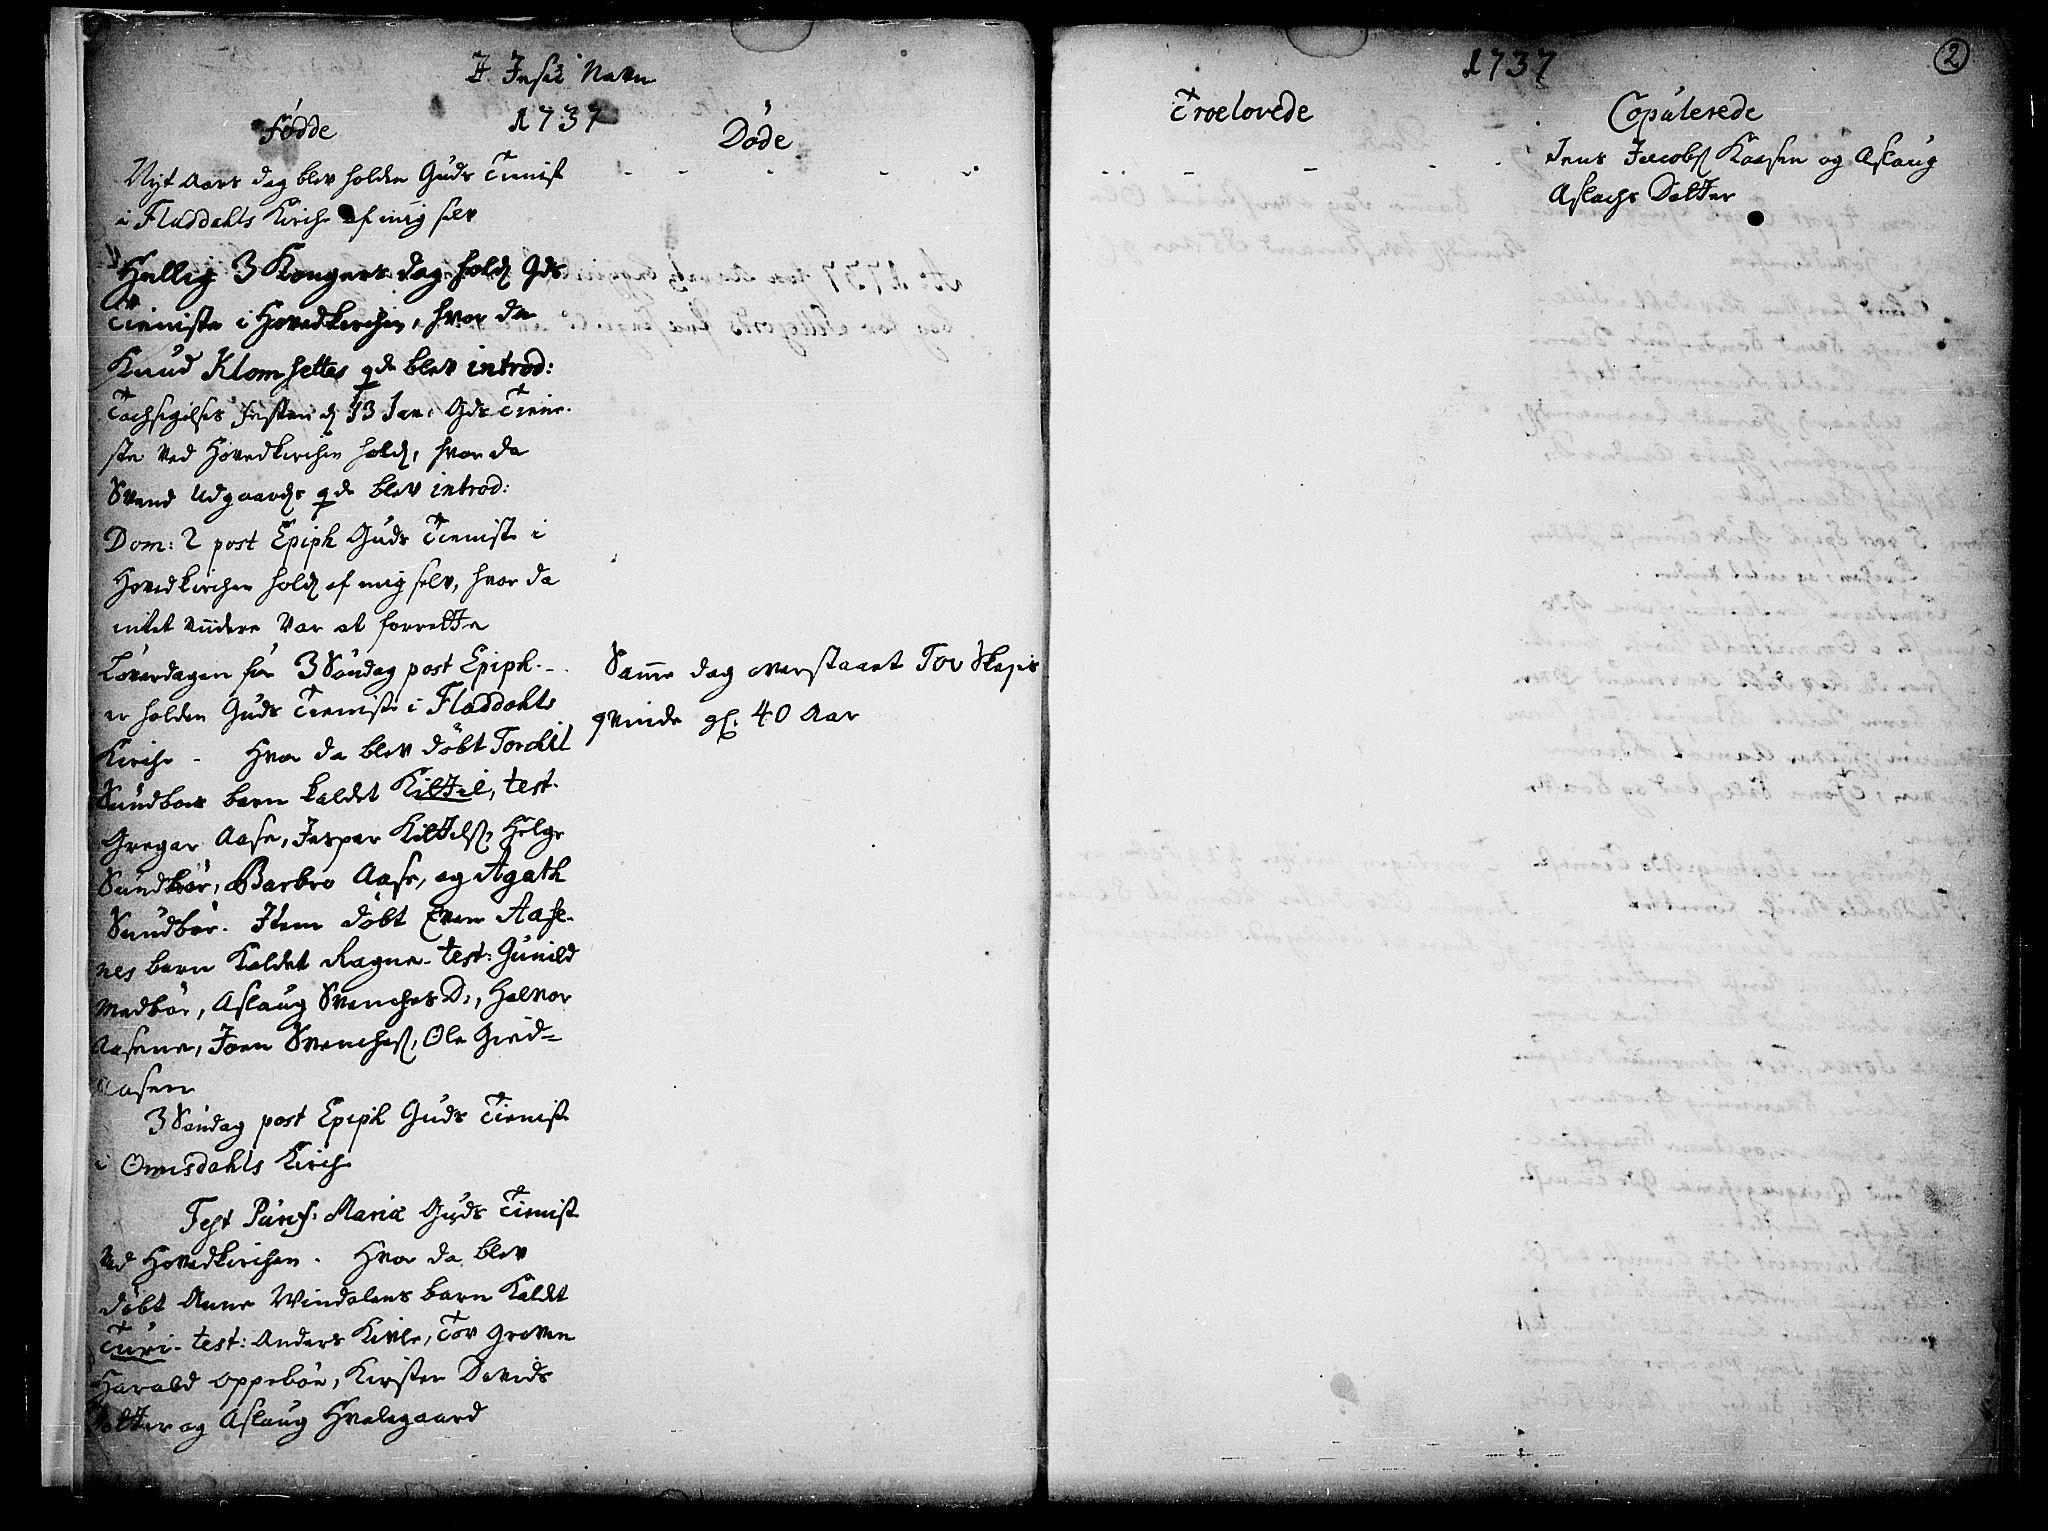 SAKO, Seljord kirkebøker, F/Fa/L0005: Ministerialbok nr. I 5, 1737-1743, s. 2